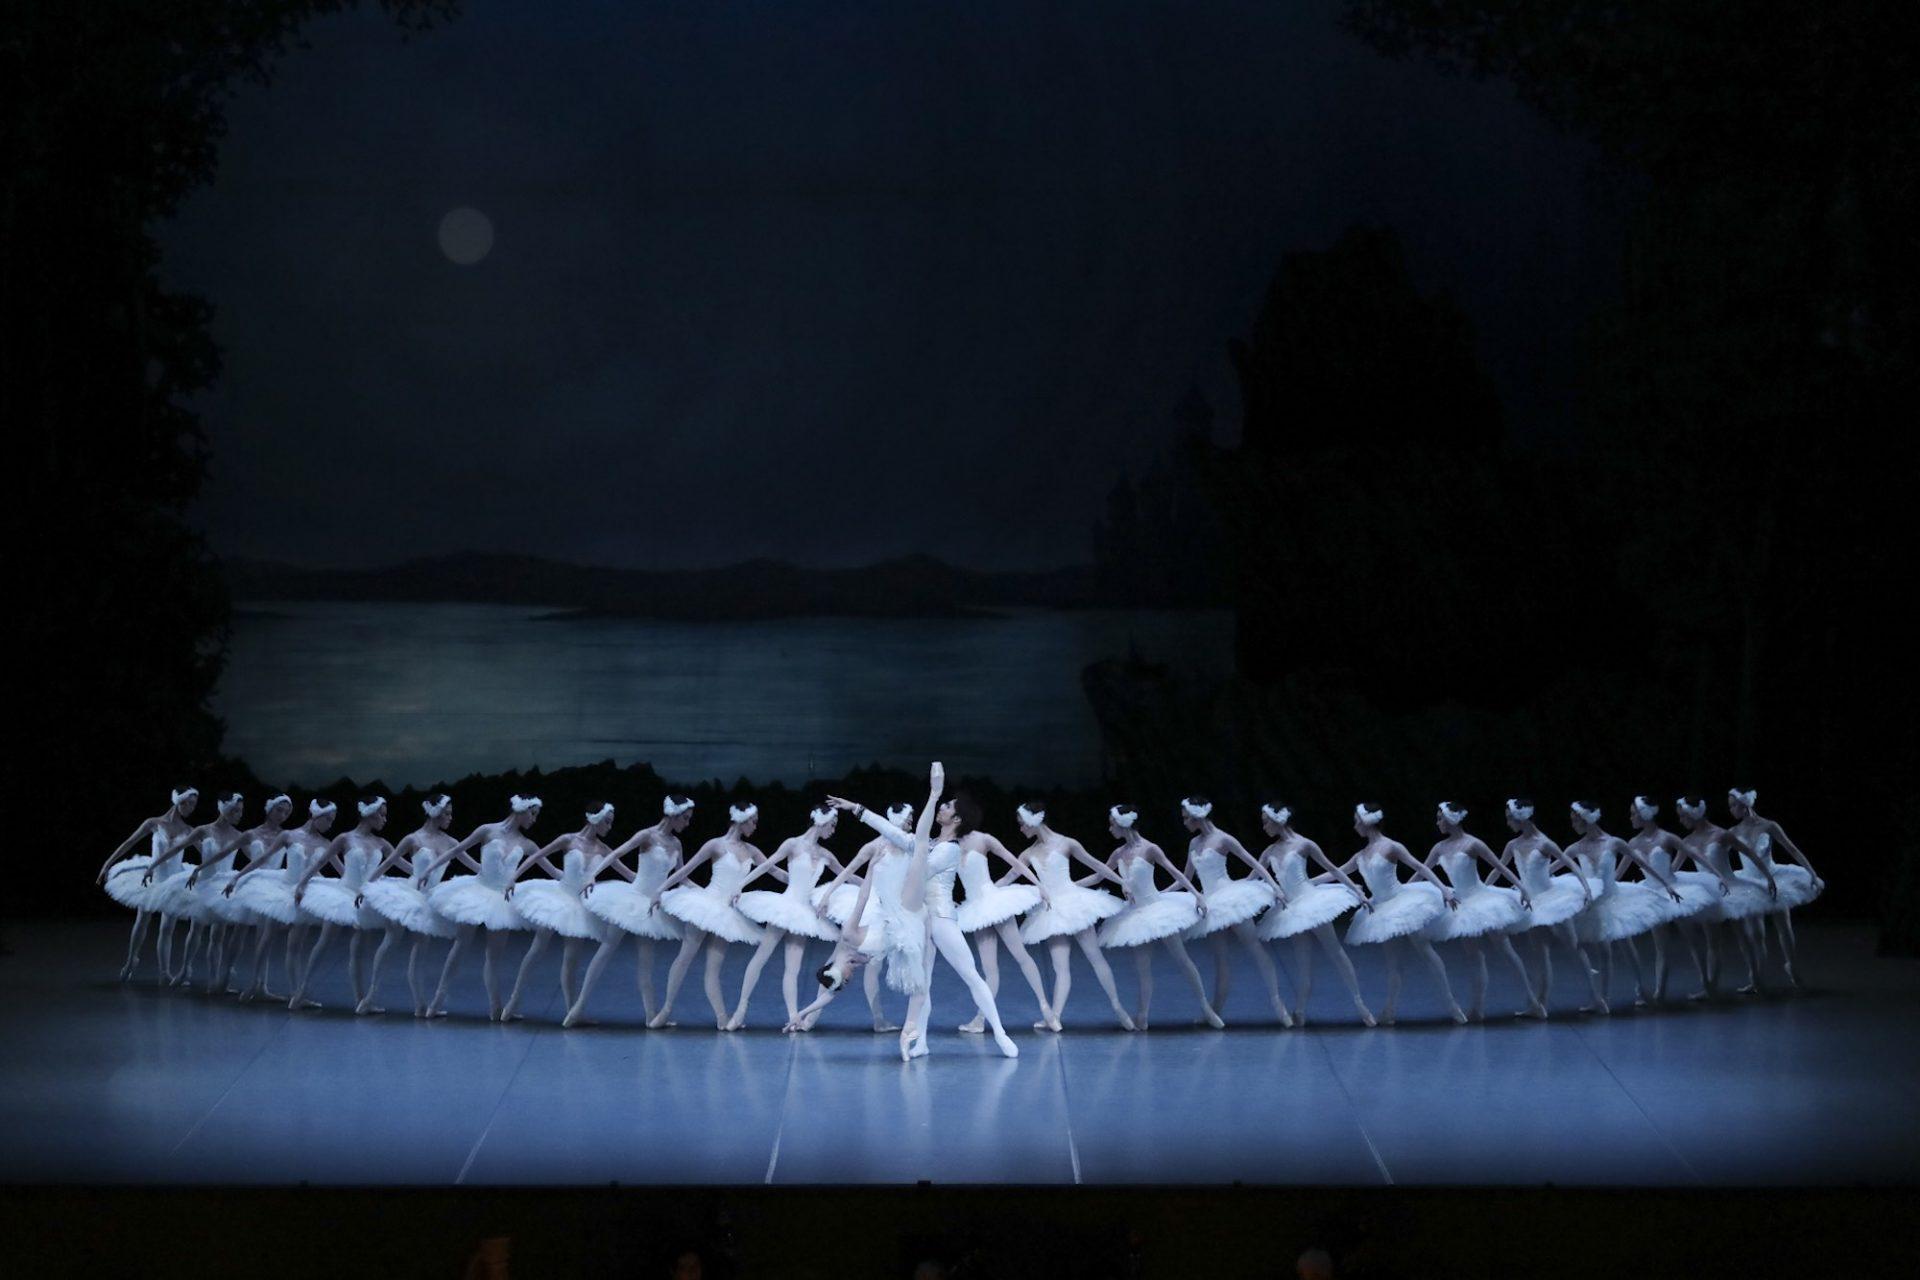 東京バレエ団「白鳥の湖」 | © Kiyonori Hasegawa